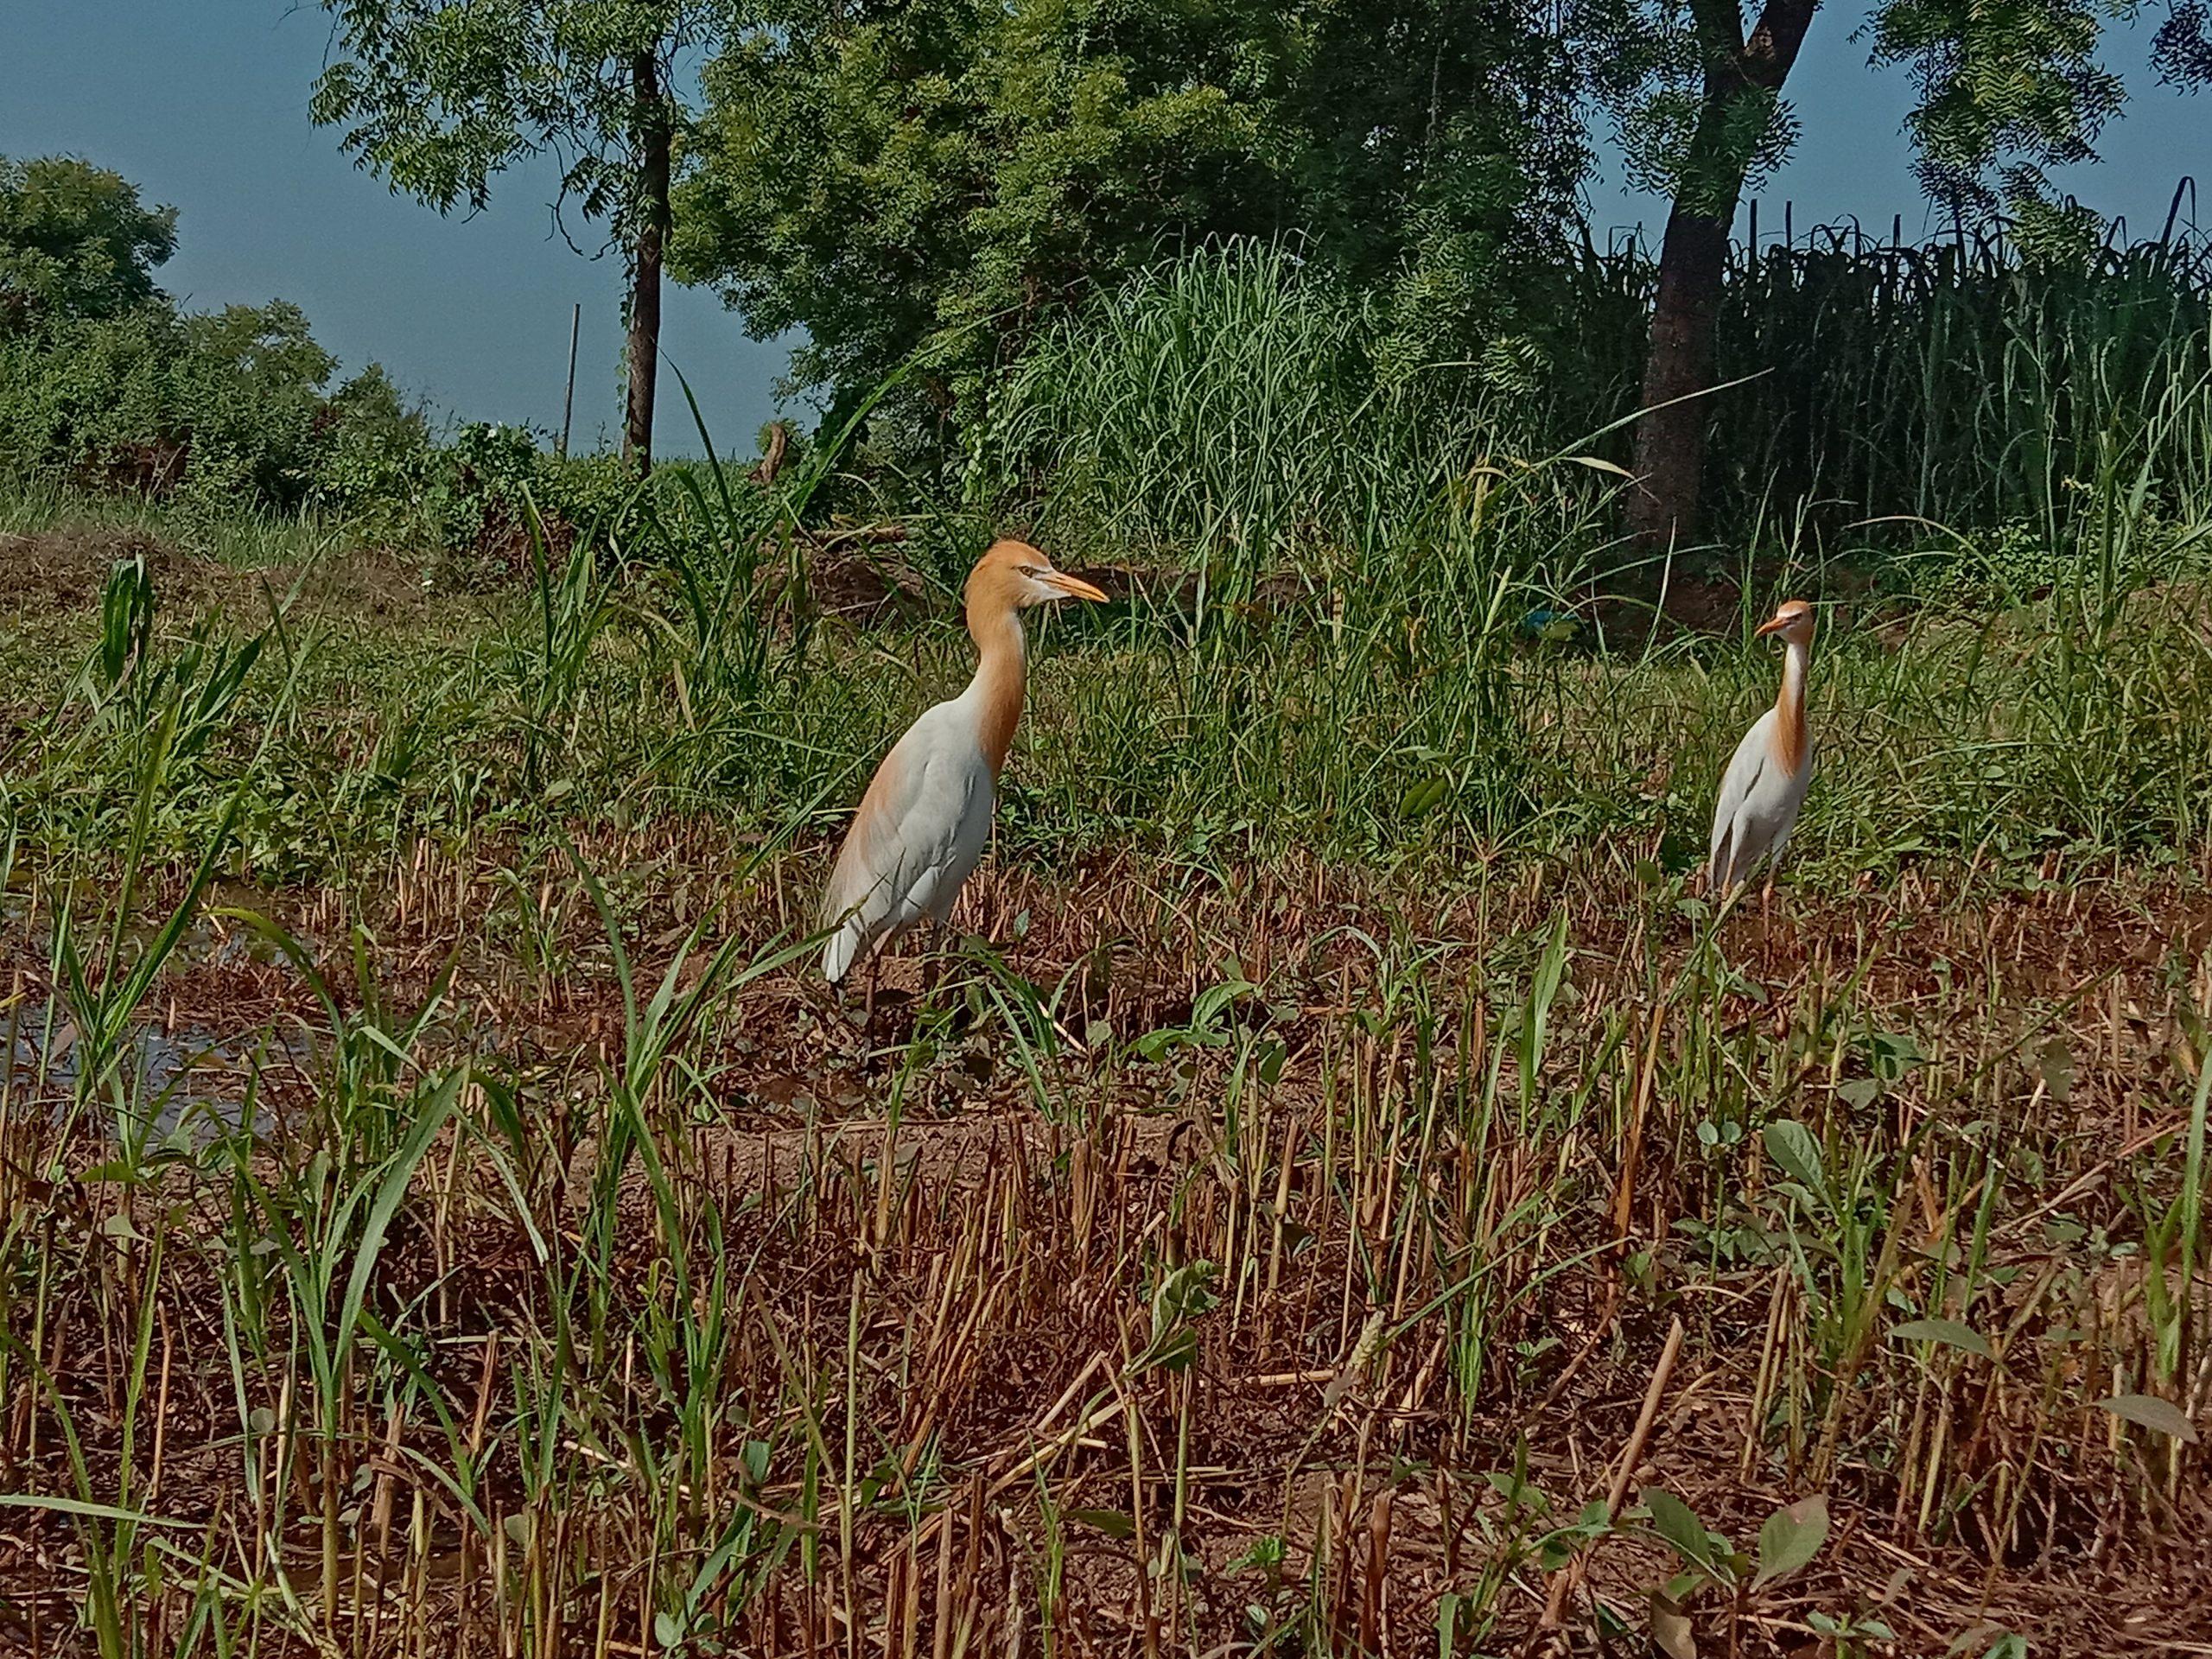 Egret in field